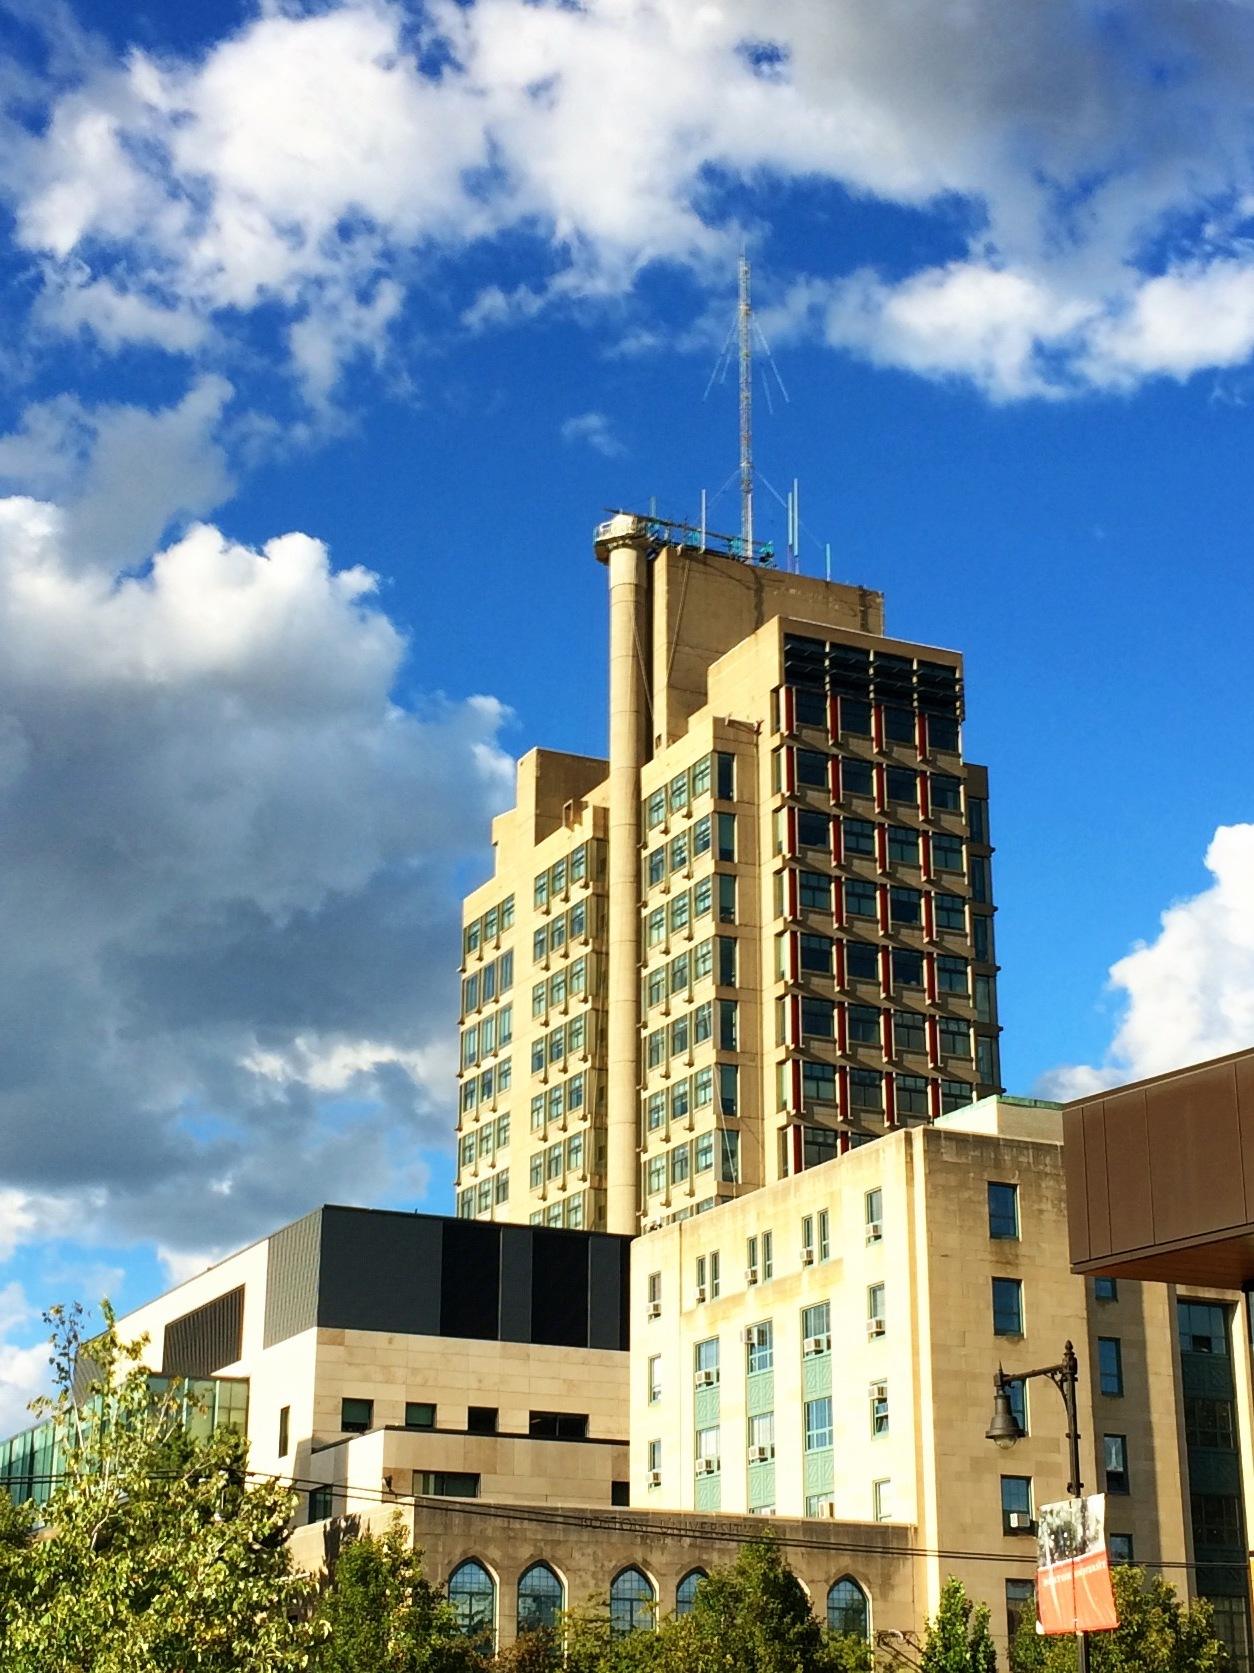 Boston University (BU)